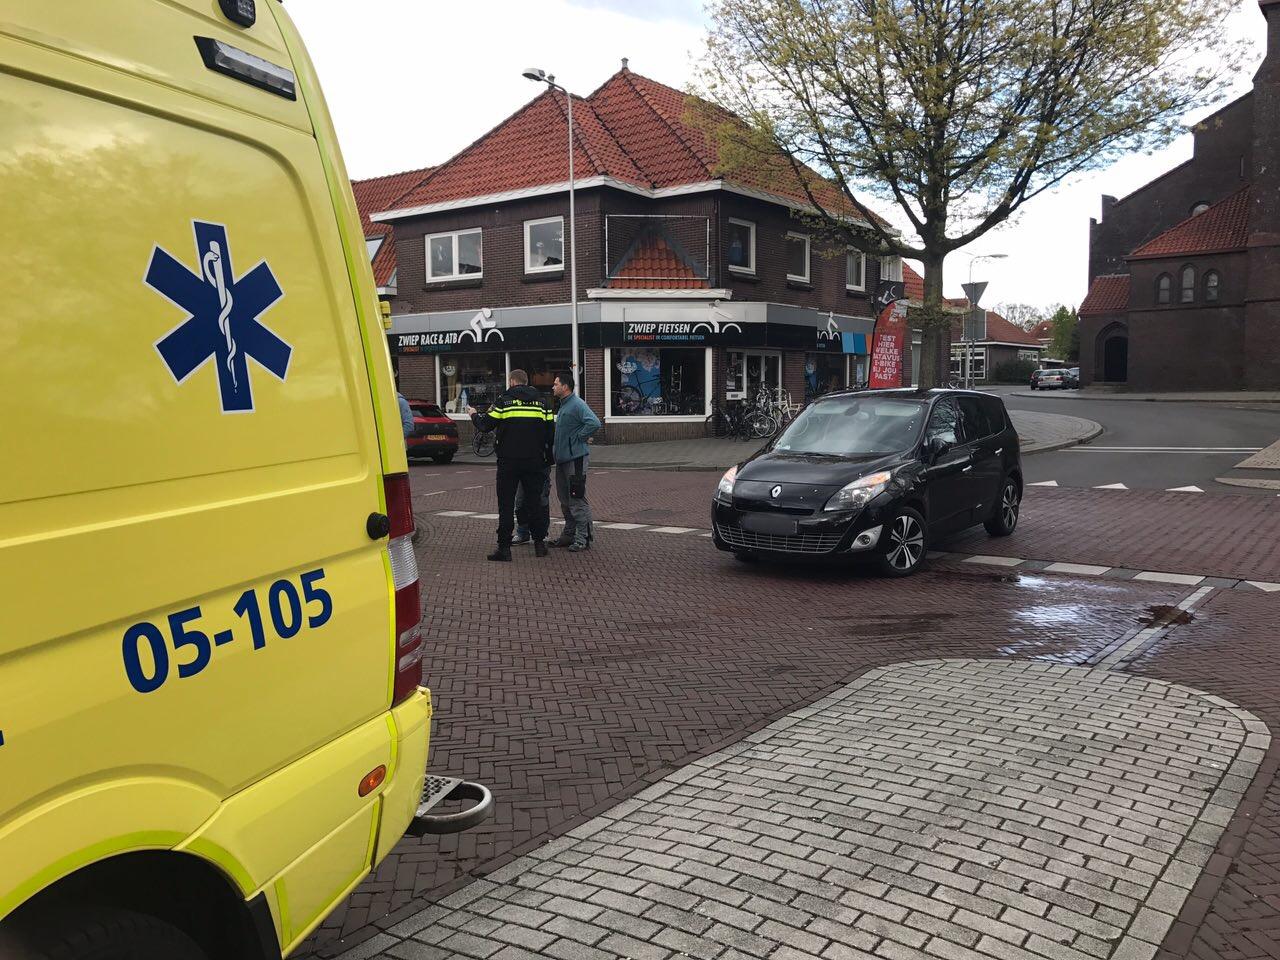 Aanrijding tussen brommer en auto Ootmarsumsestraat Oldenzaal